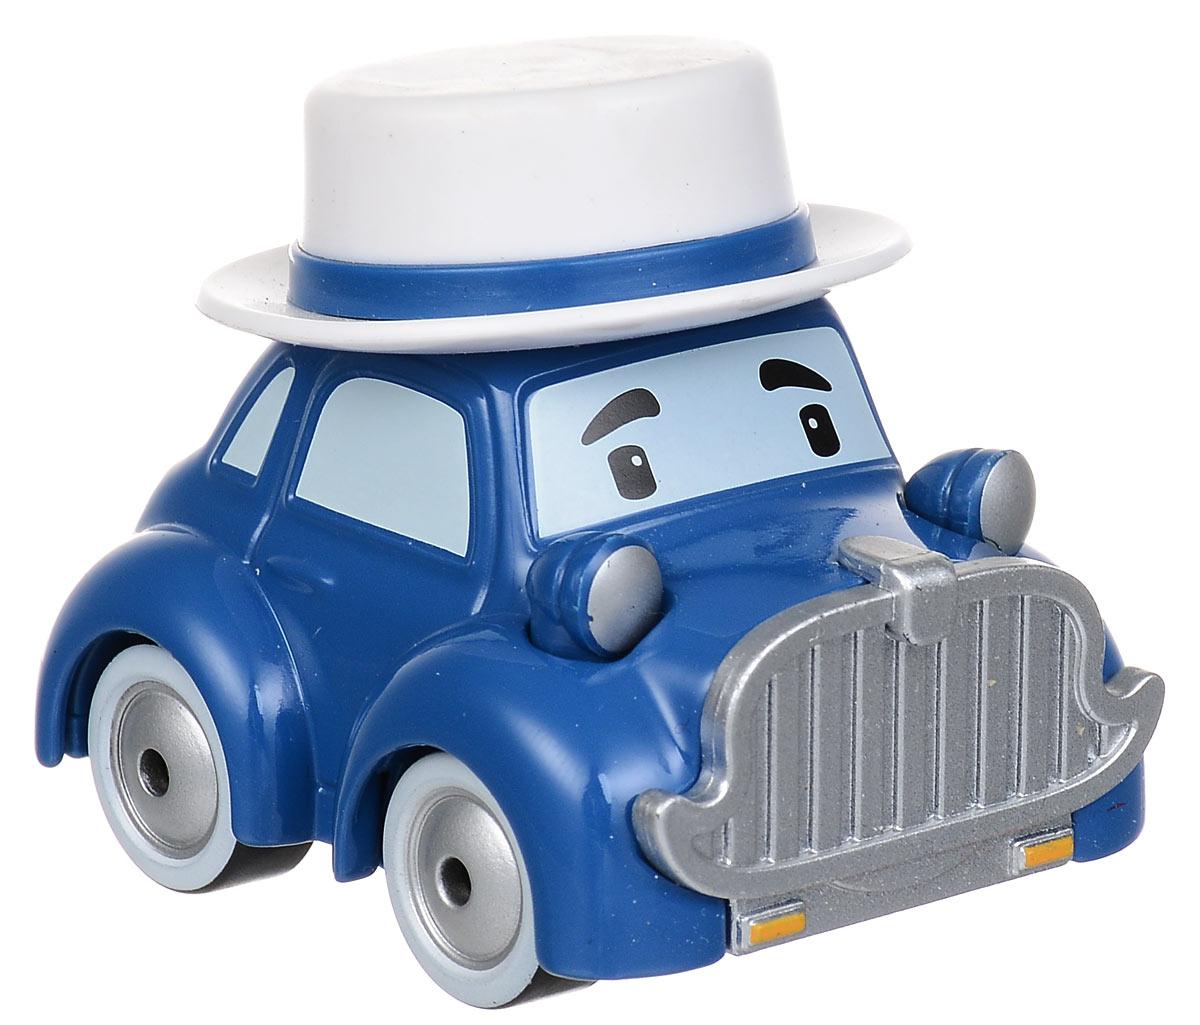 """Машинка Robocar Poli """"Масти"""" непременно понравится вашему малышу. Она выполнена из металла с элементами пластика в виде машинки мистера Масти - персонажа популярного мультсериала """"Robocar Poli"""". Масти оснащен колесиками со свободным ходом, позволяющими катать машинку. Благодаря небольшому размеру ребенок сможет взять игрушку с собой на прогулку, в поездку или в гости. Порадуйте своего малыша таким замечательным подарком!"""